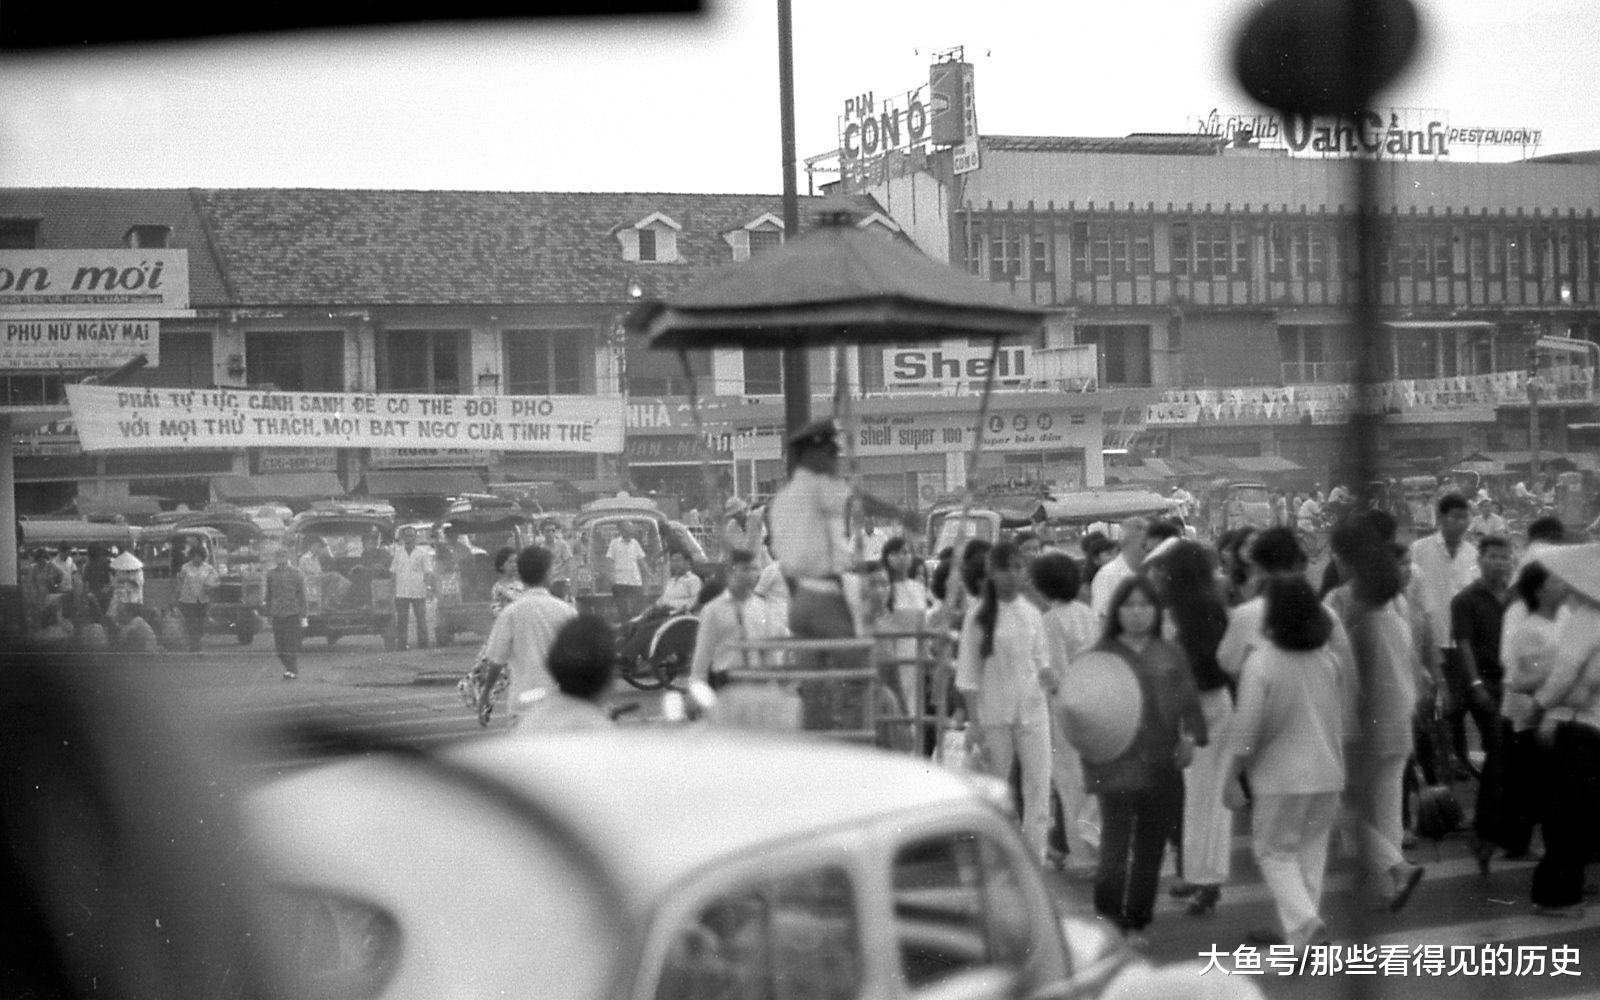 大街上人真是車多人多,也不知道這指揮交通的警察蜀黍忙得過來不。